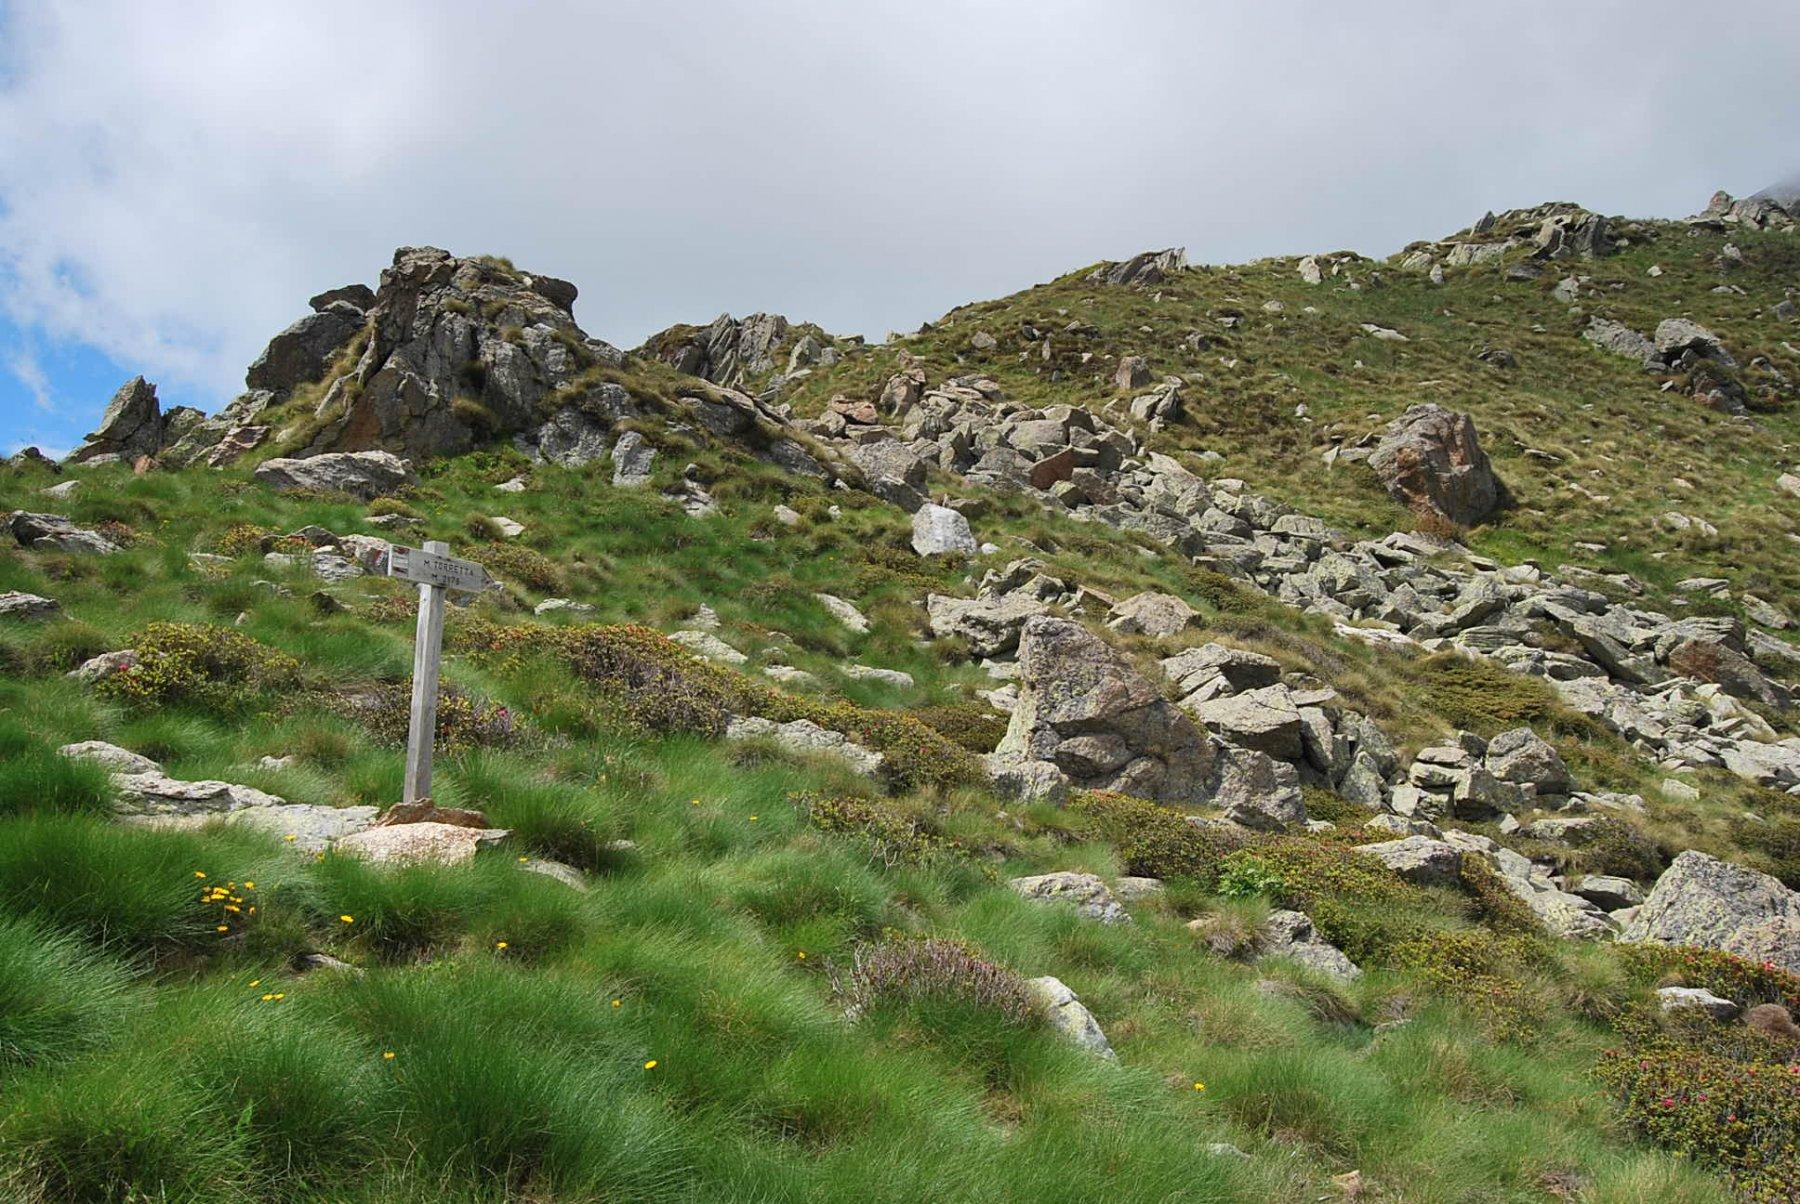 Il punto in cui il sentiero, partito dalla strada, sbarca in cresta e poi prosegue per La Torretta, come da indicazione